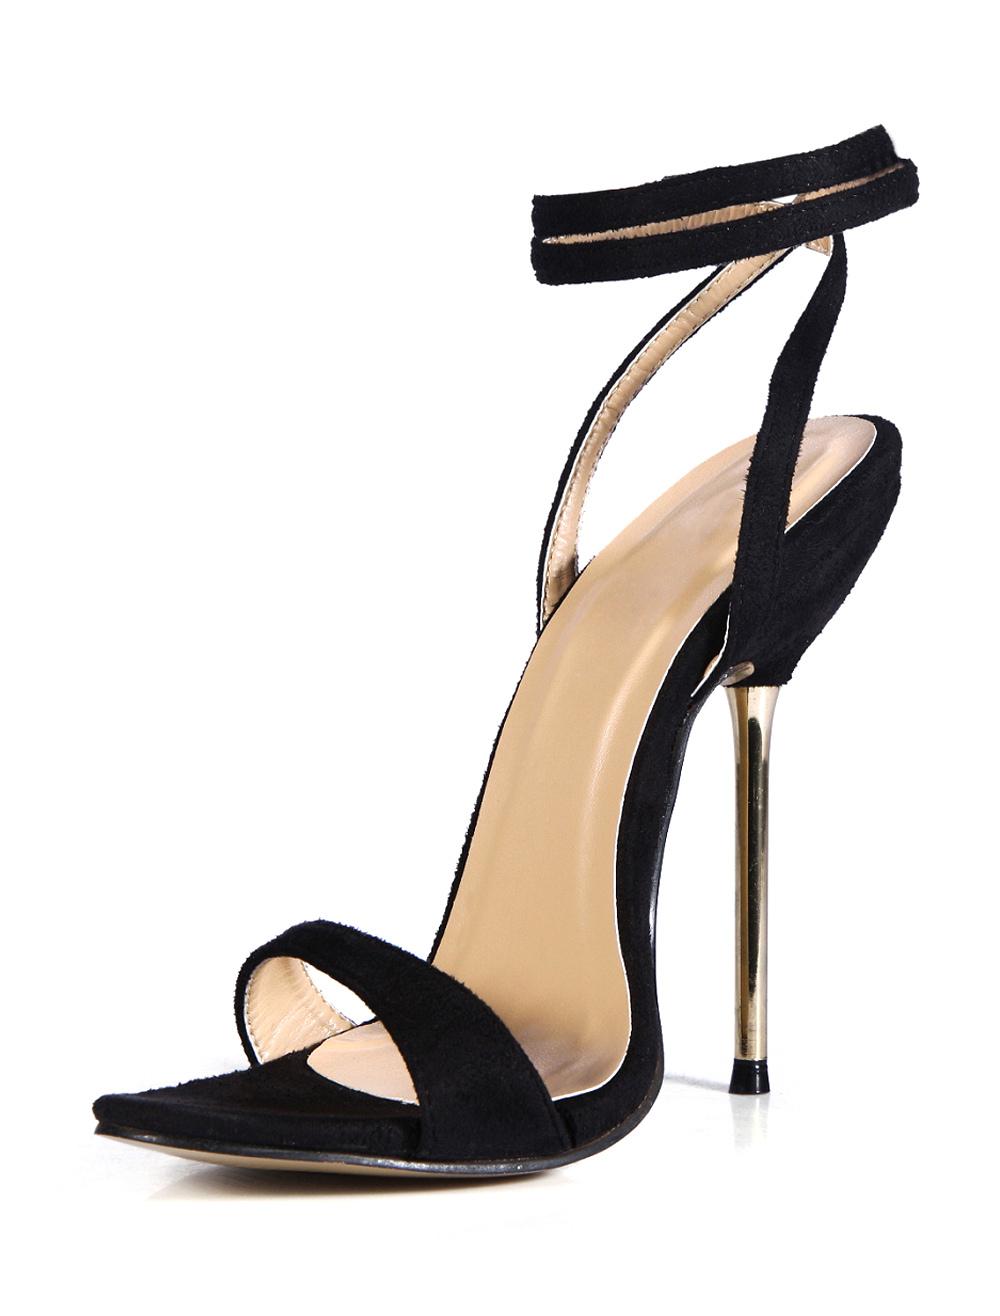 design senza tempo 547d4 7d173 Moda nero tacco a spillo raso elasticizzato levigatura sandali abito